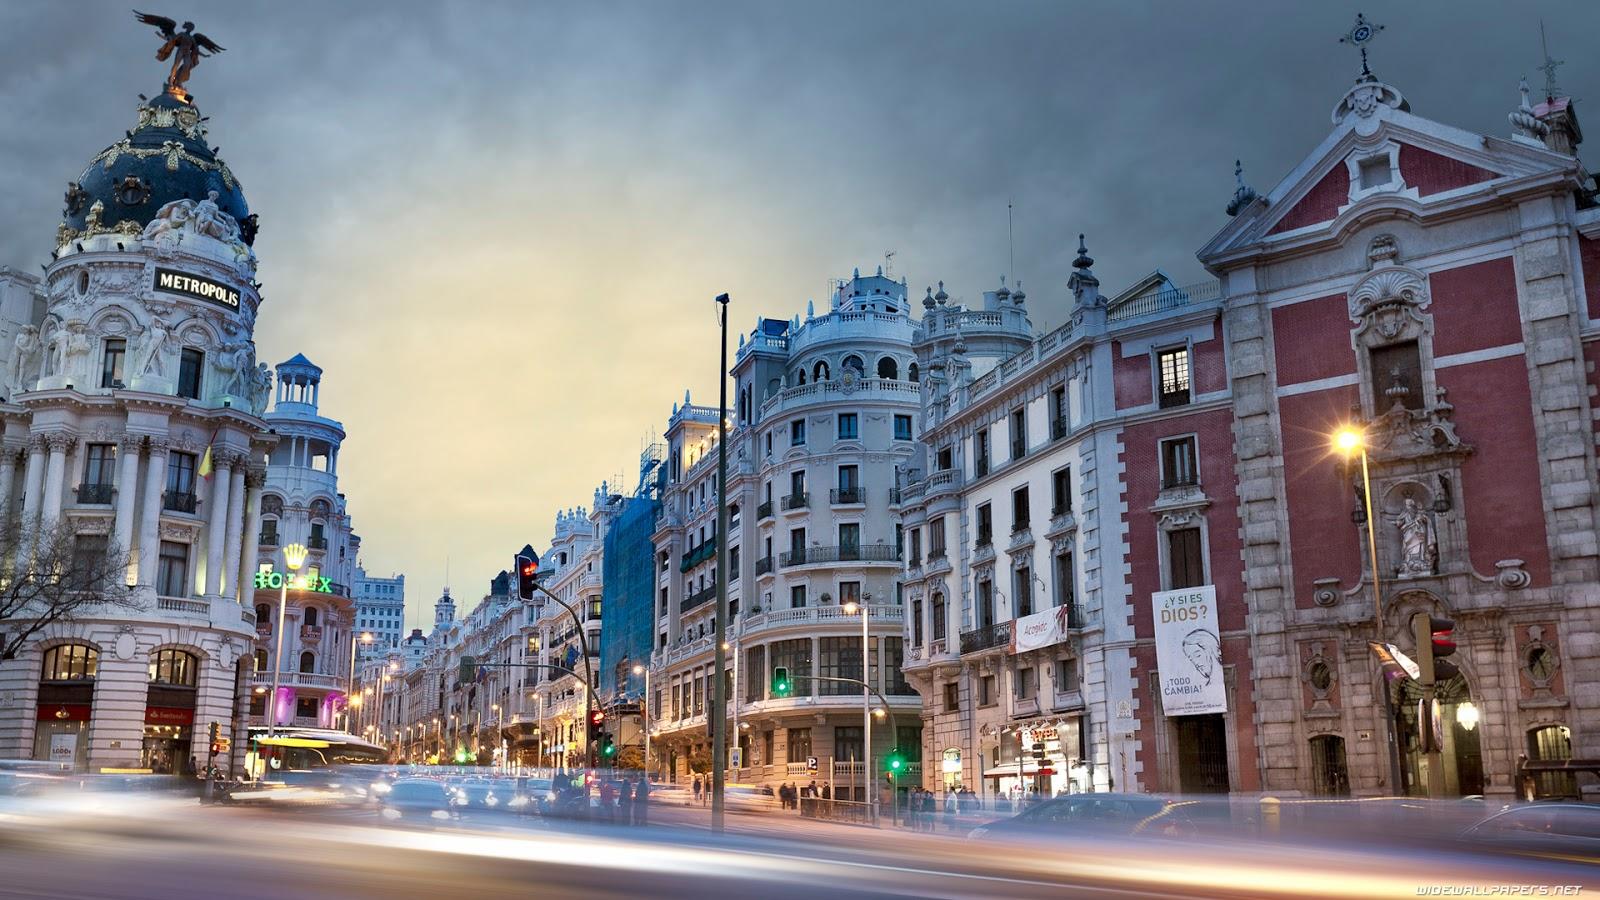 El turismo en España bate todos los récords este verano